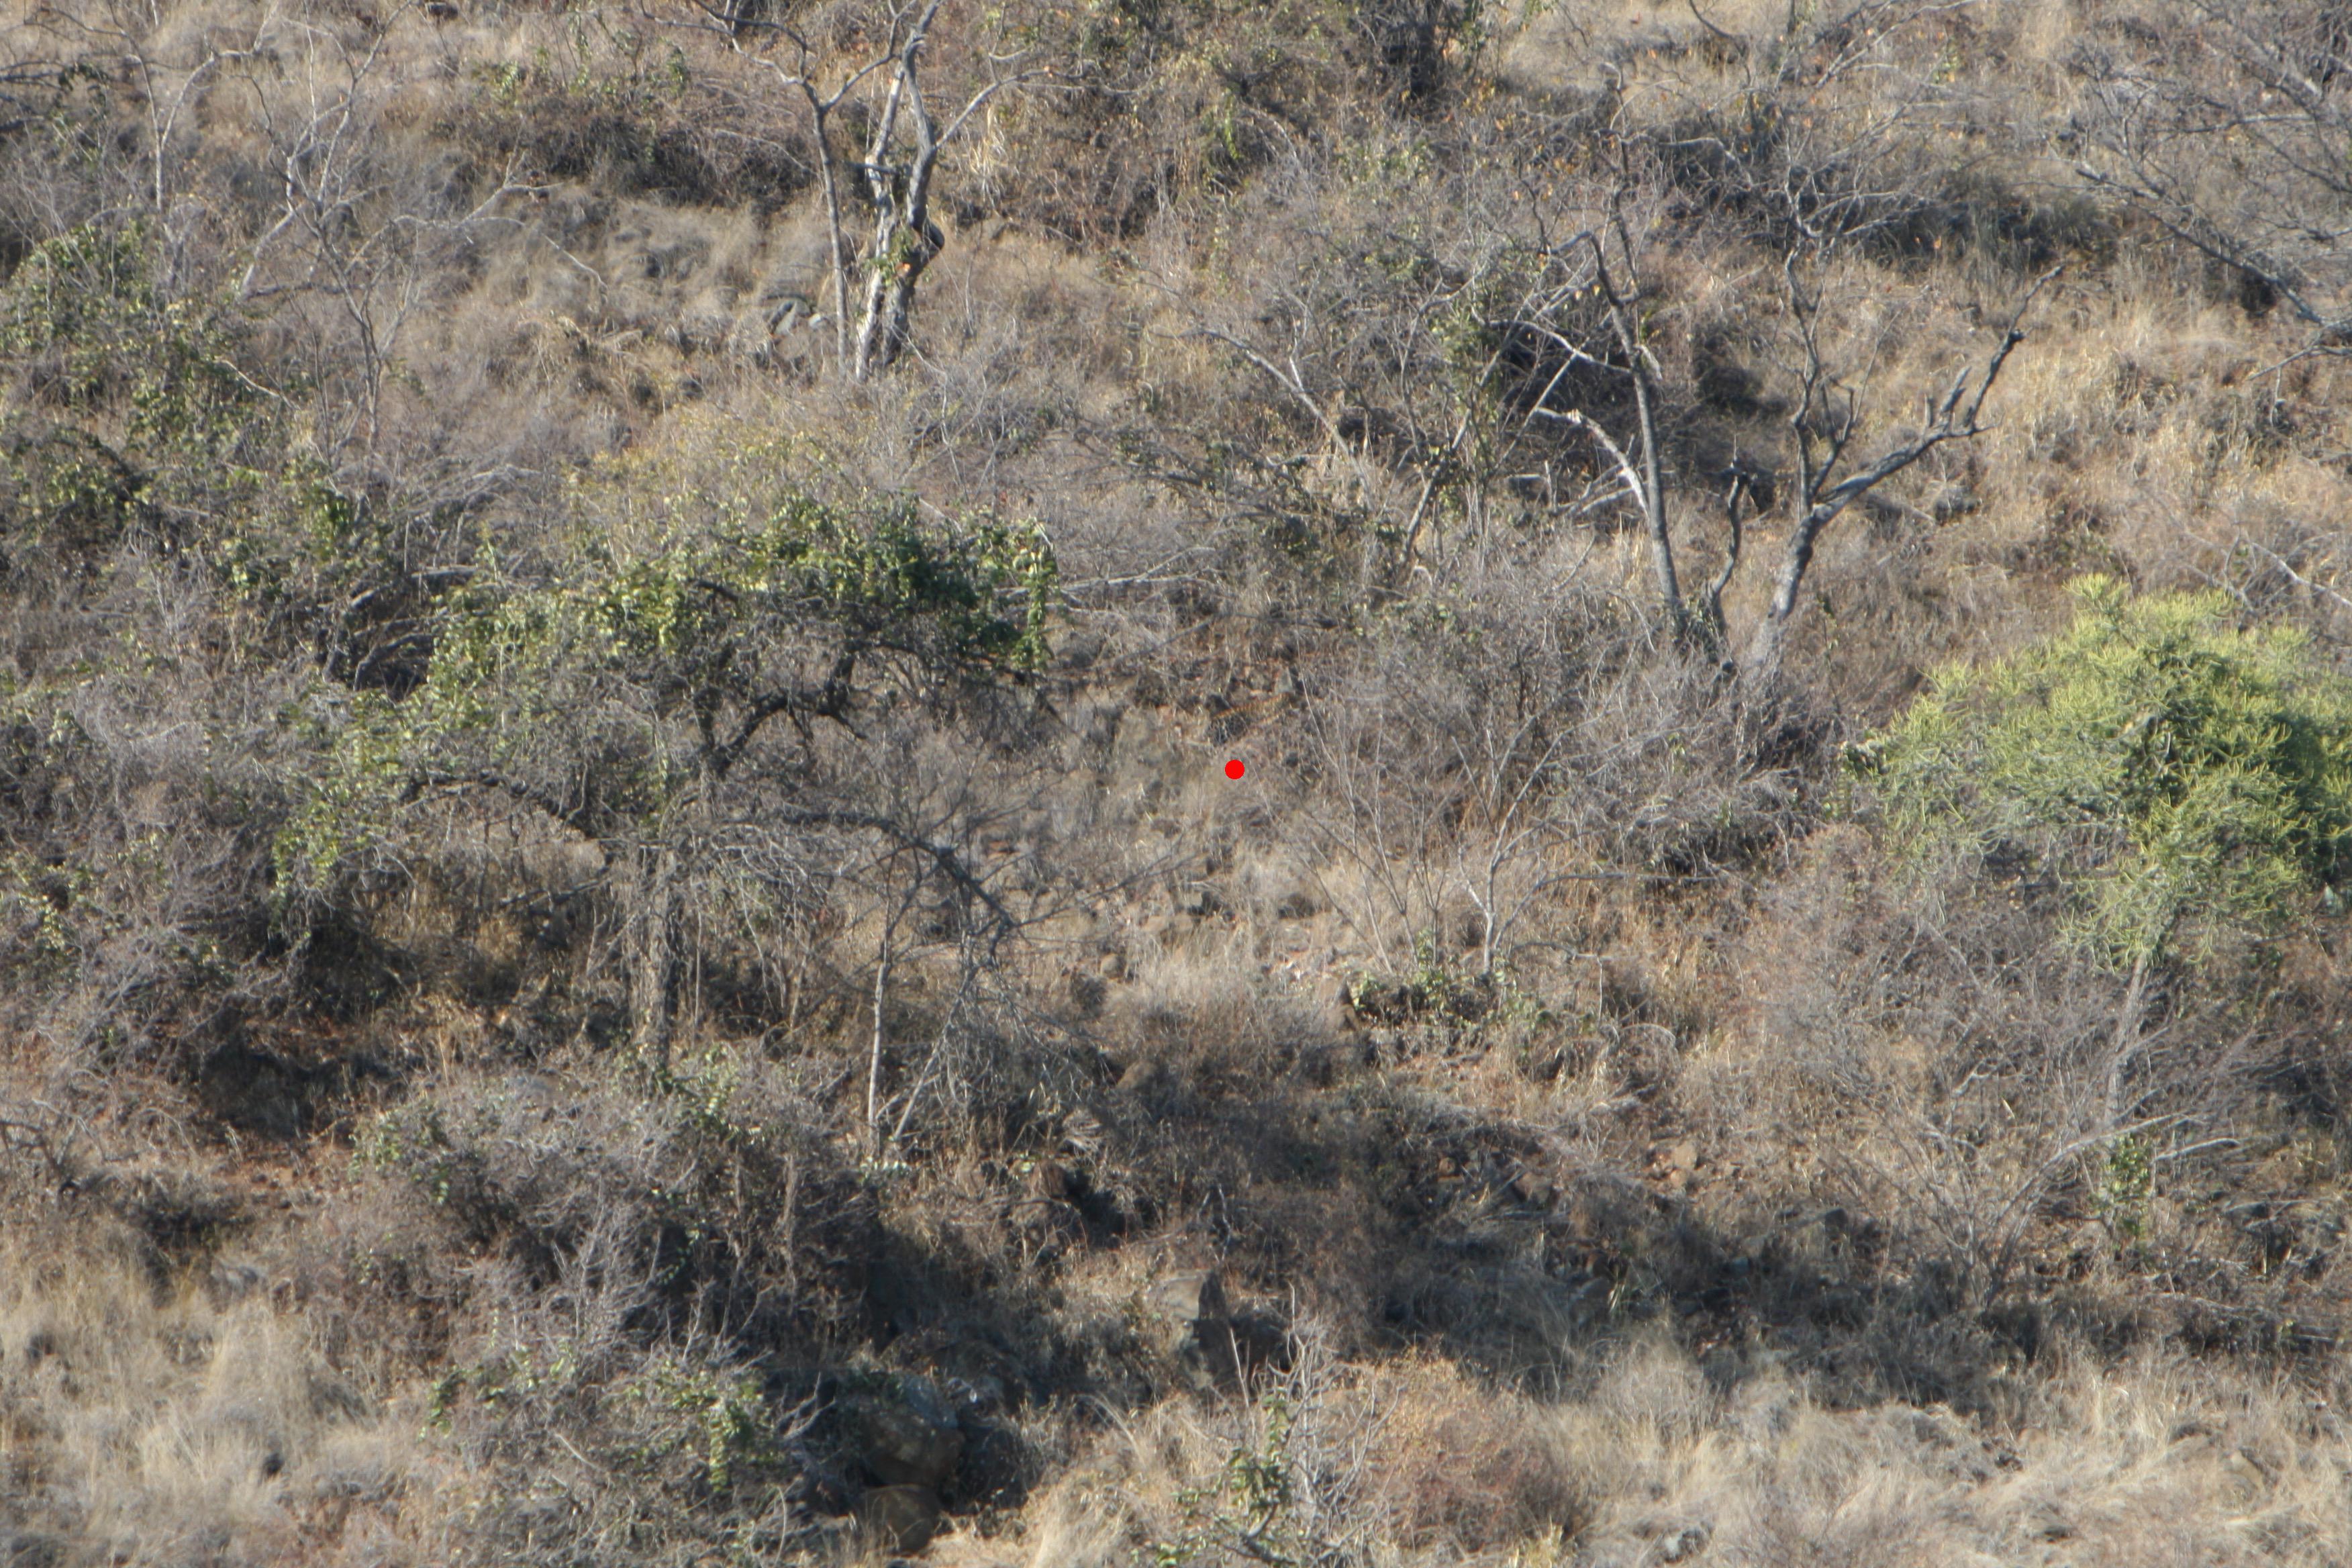 leopard in bush test marked.jpg